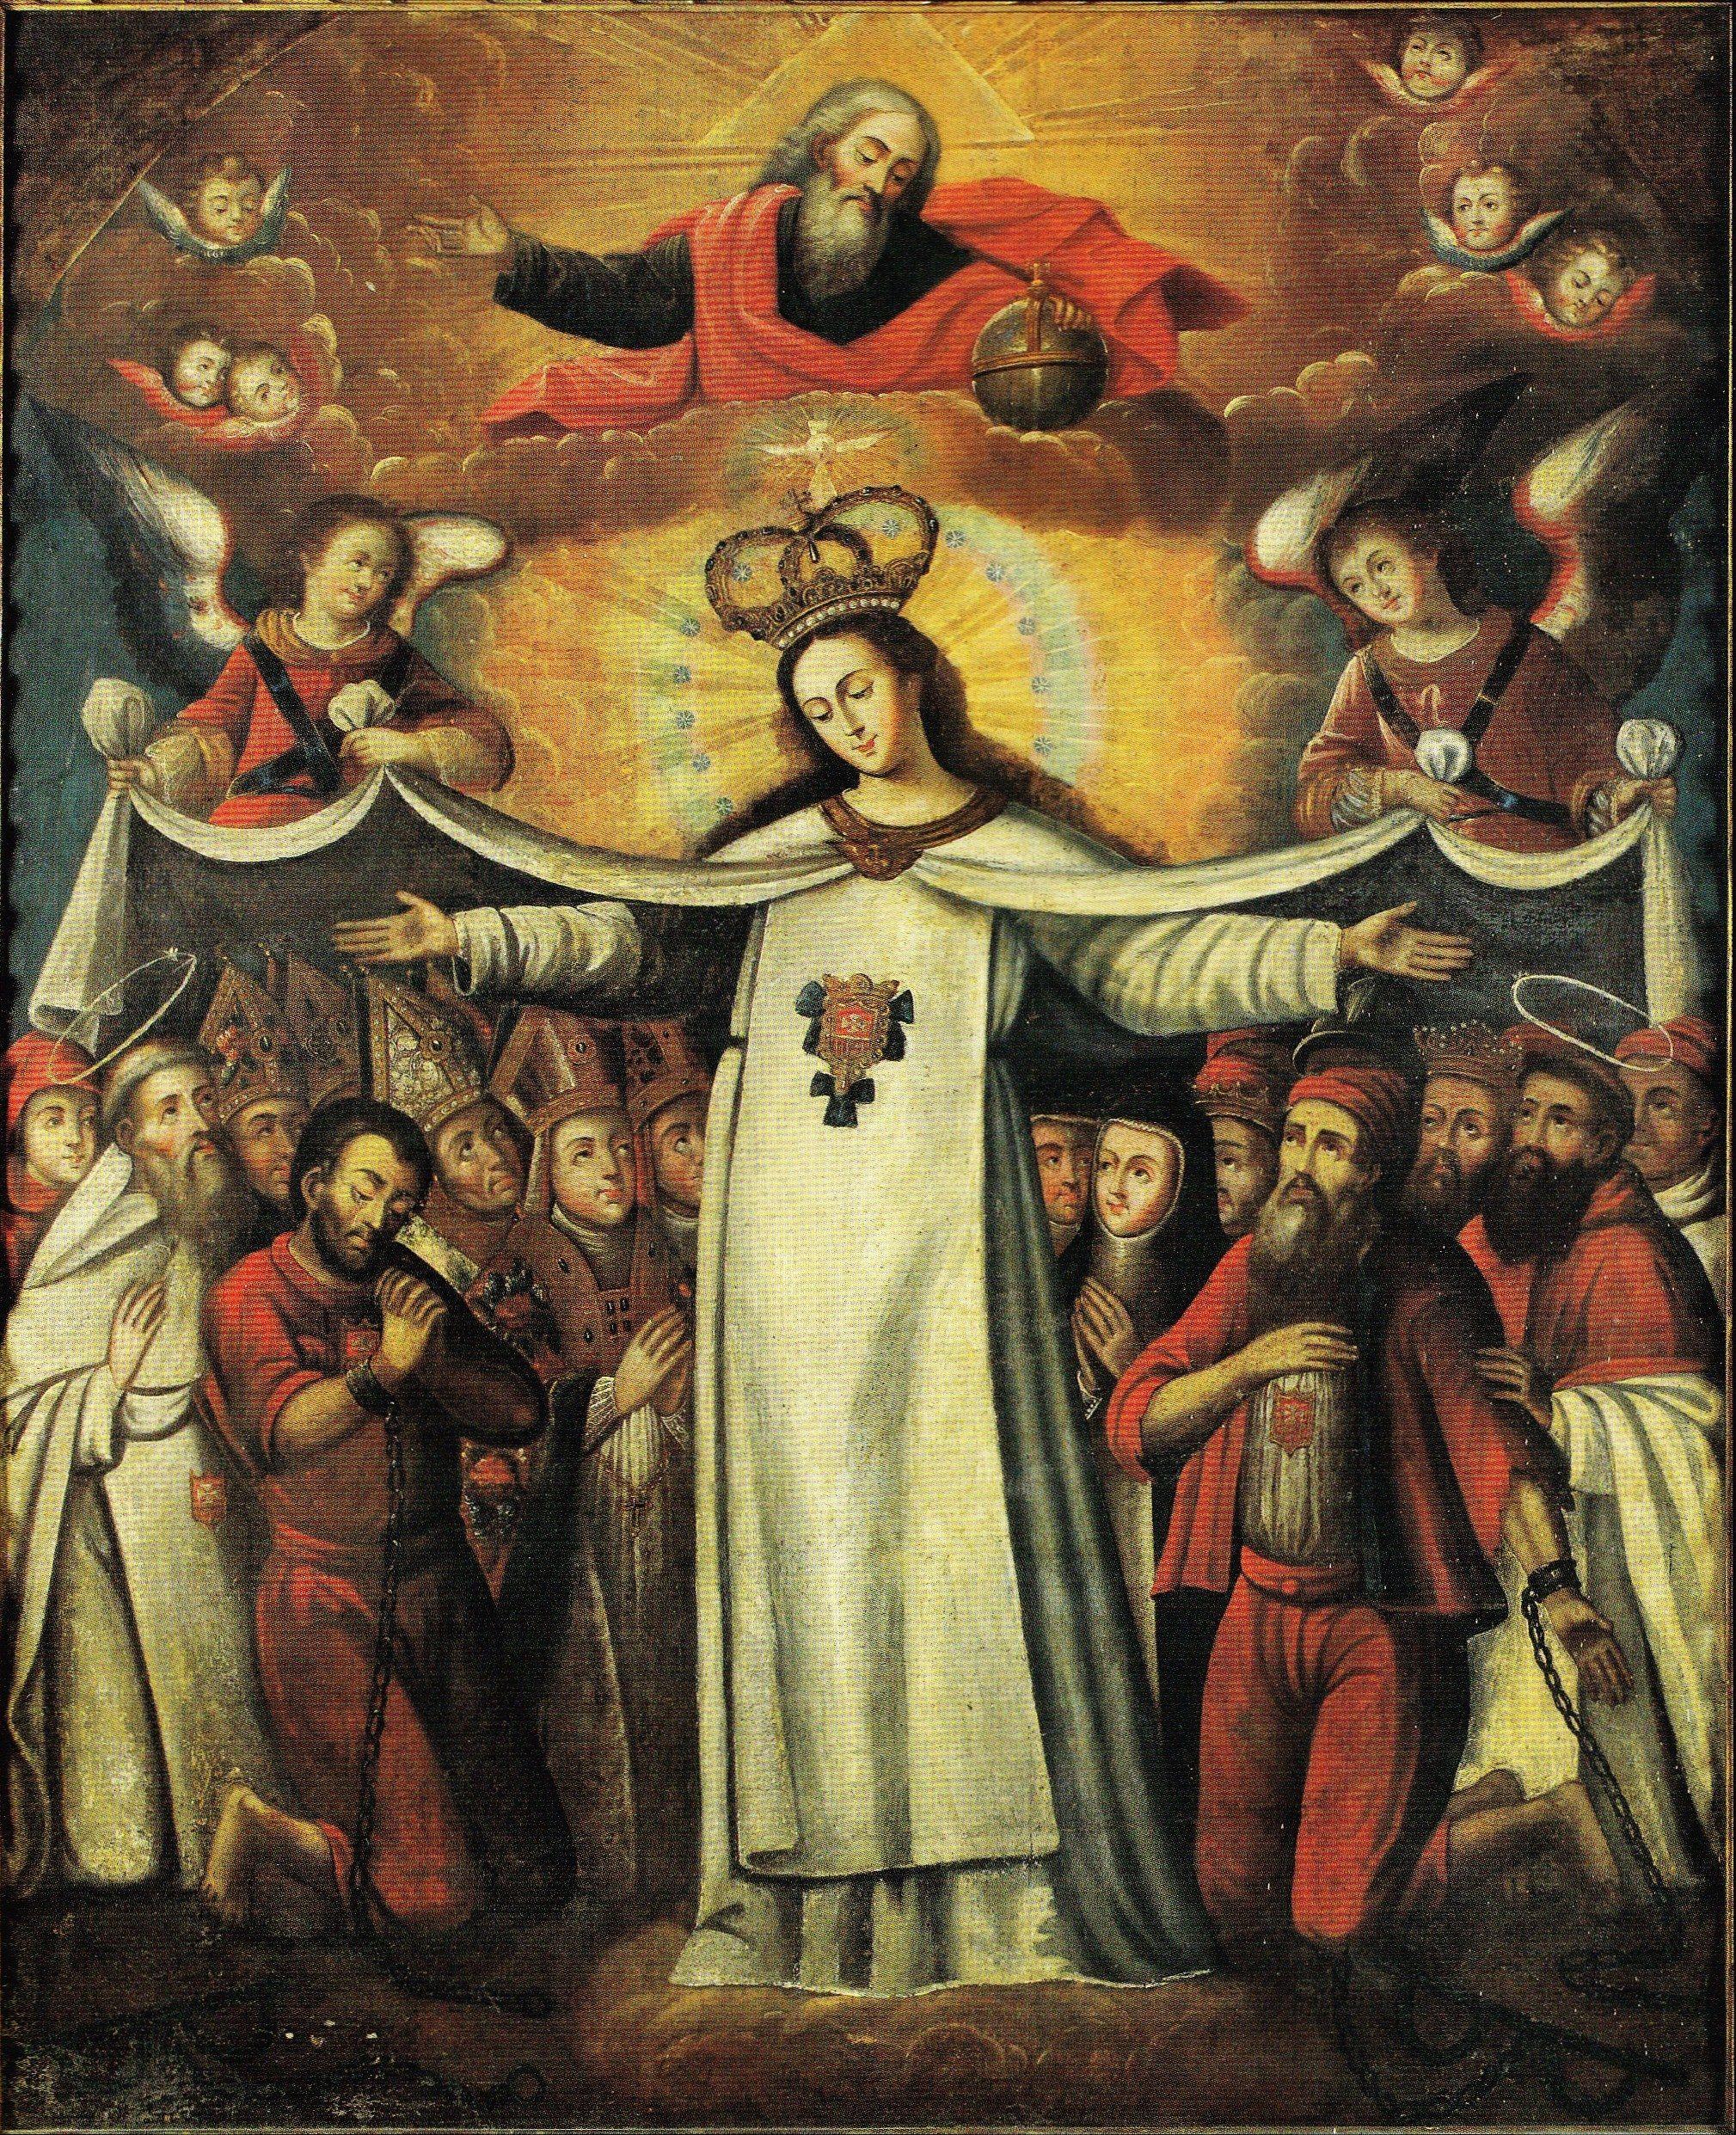 Virgen de la Merced | Virgen de las mercedes, Imágenes de la virgen,  Cordero de dios